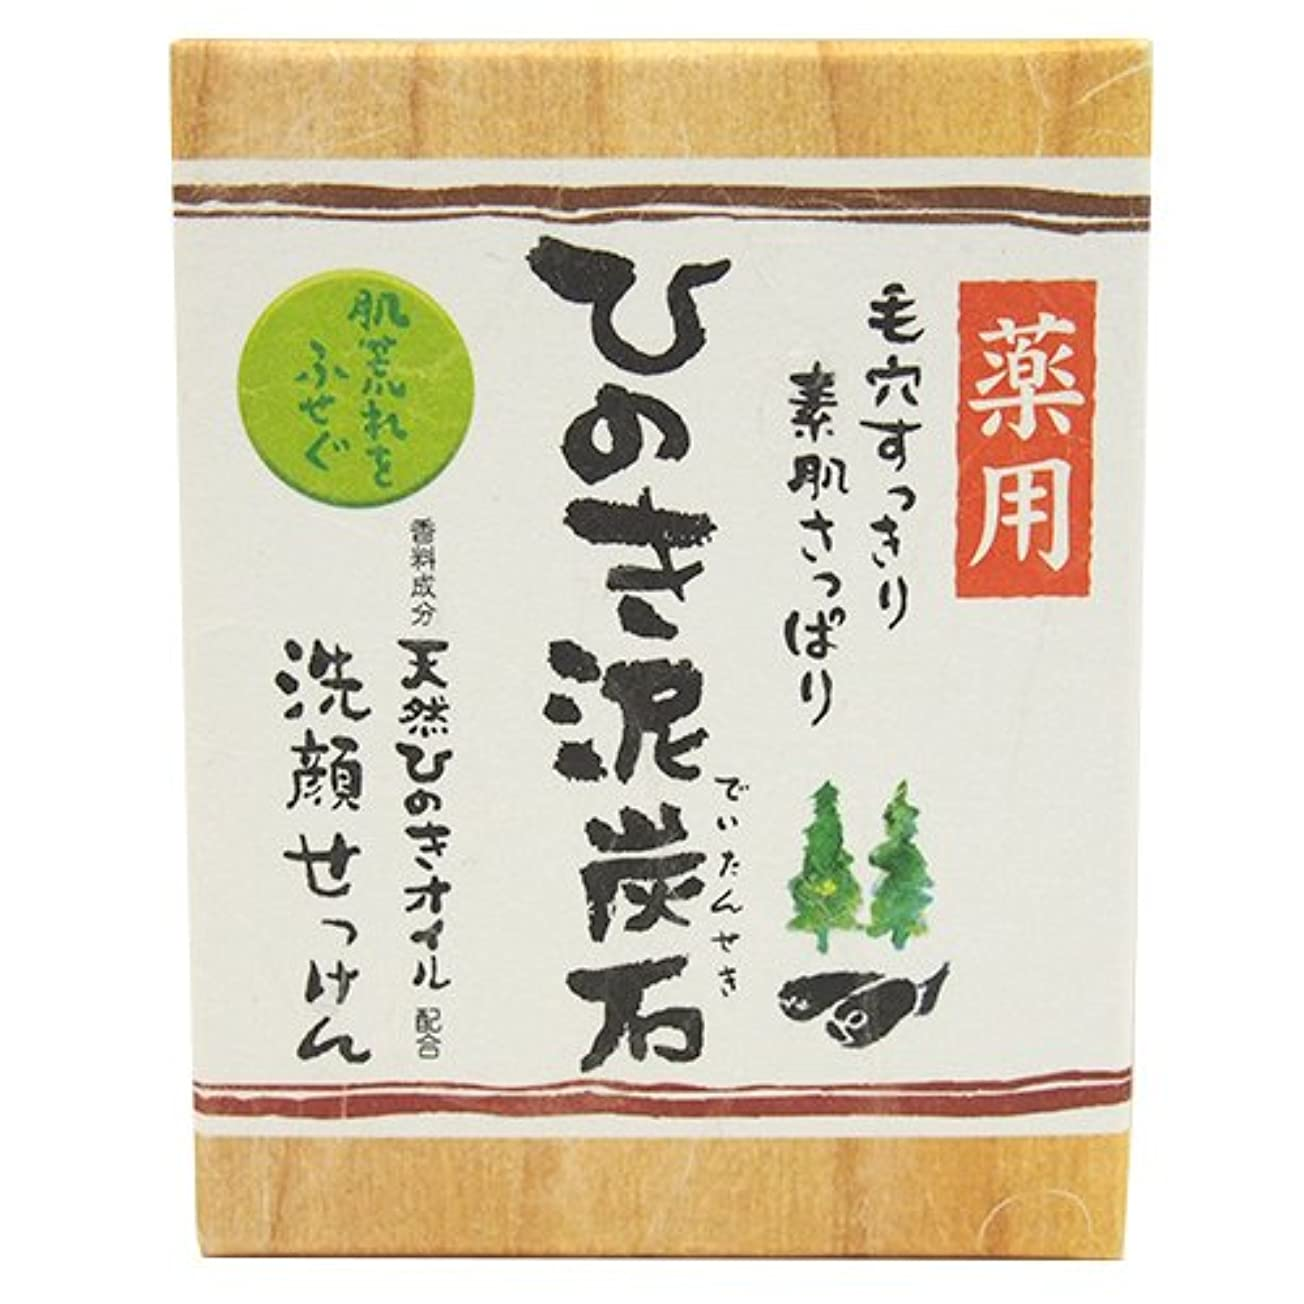 妻転送研究所東京宝 薬用ひのき泥炭石 すっきり黒タイプ 洗顔石鹸 75g